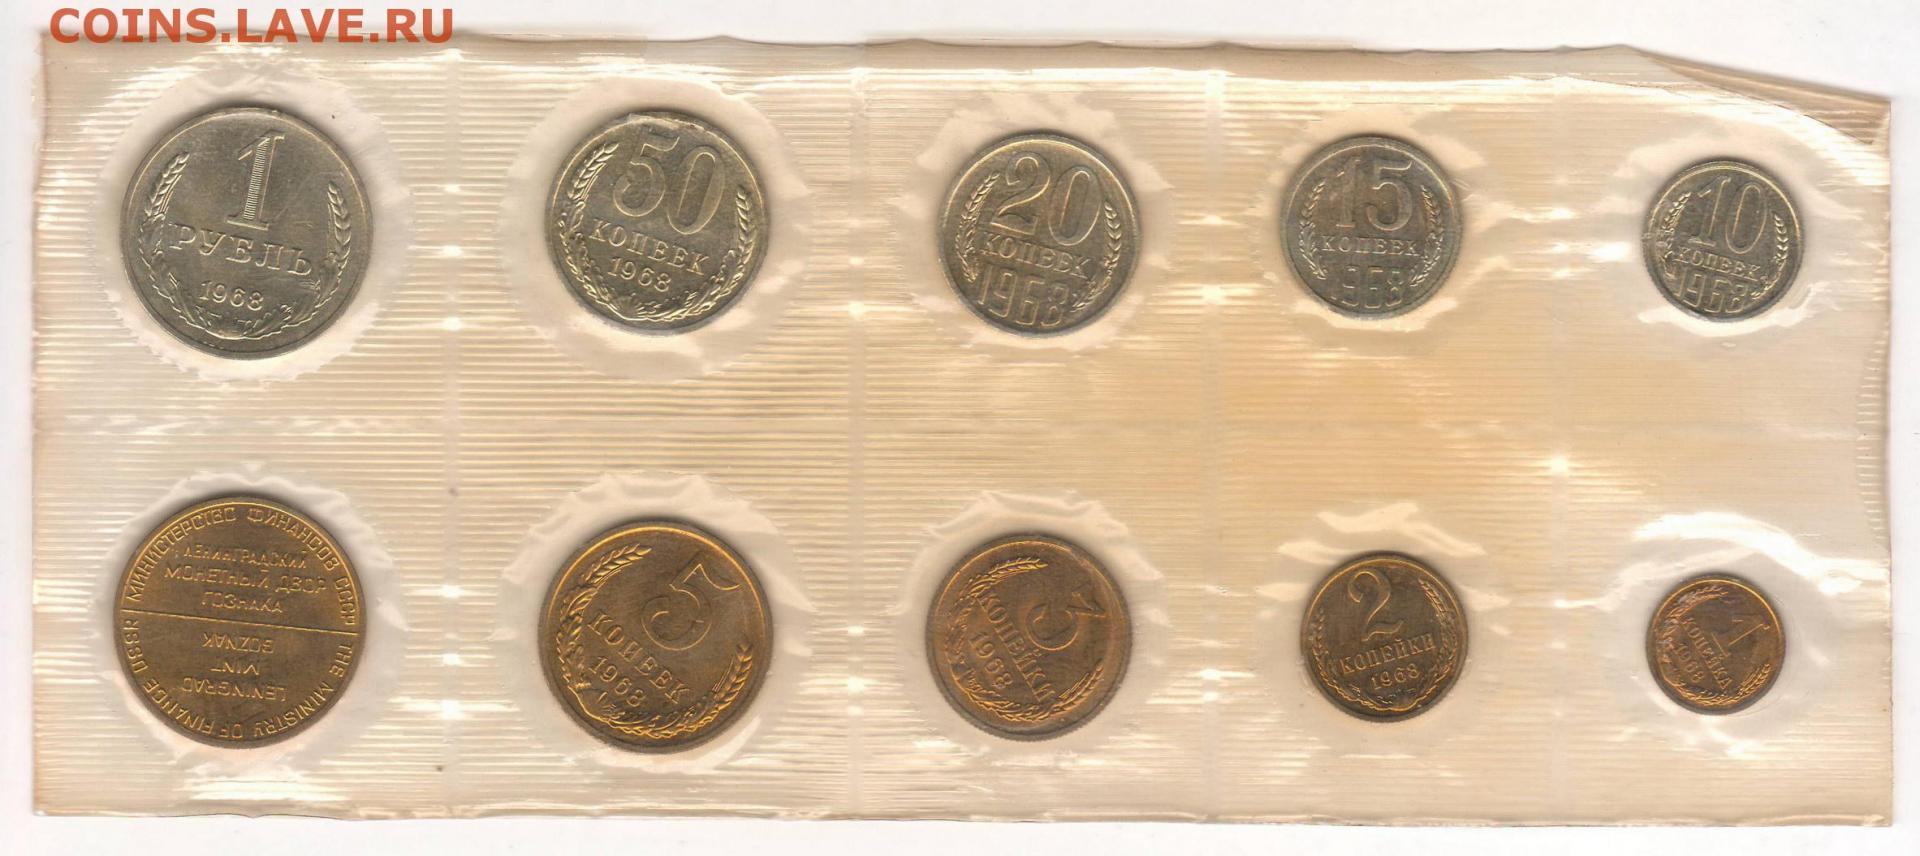 Годовые наборы монет ссср цены 2 копейки 2002 украина цена